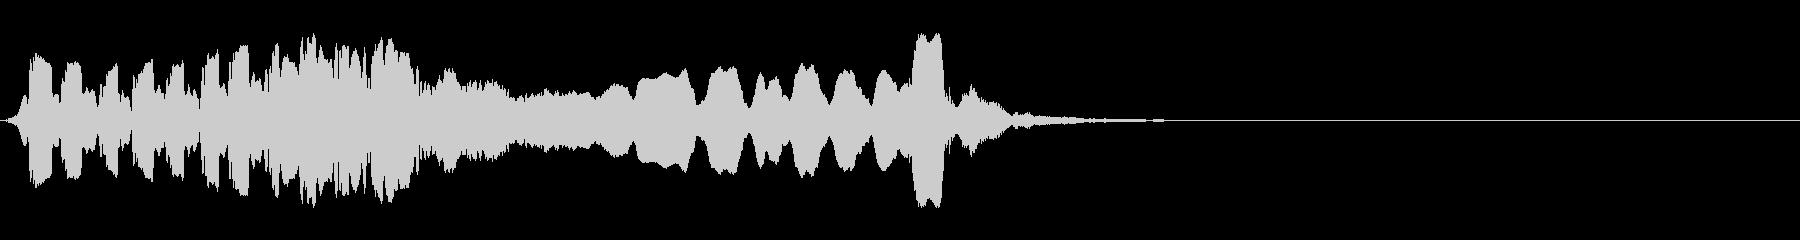 尺八 生演奏 古典風 残響音有 #10の未再生の波形